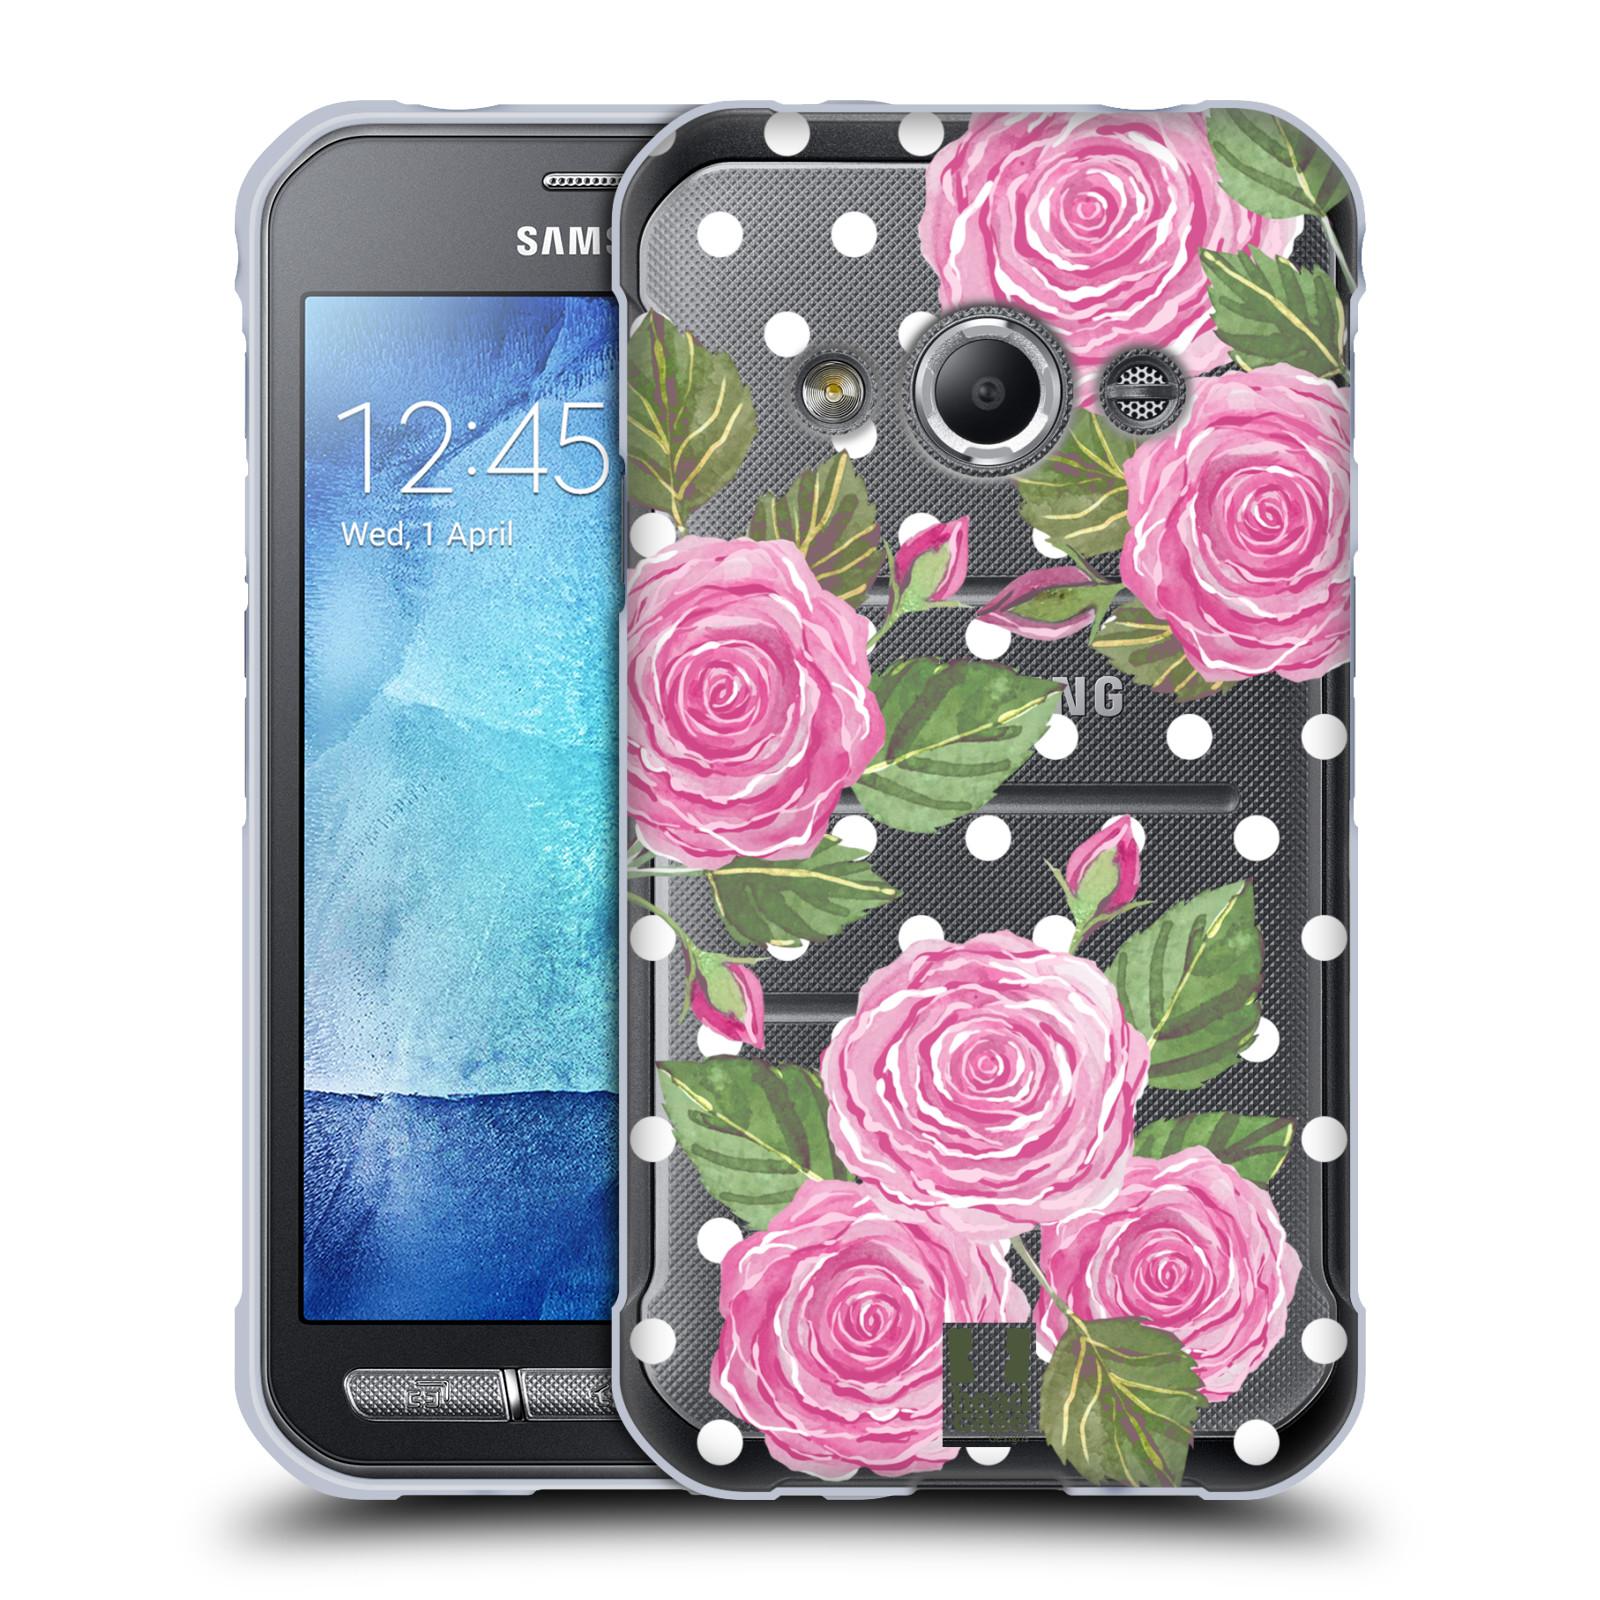 Silikonové pouzdro na mobil Samsung Galaxy Xcover 3 - Head Case - Hezoučké růžičky - průhledné